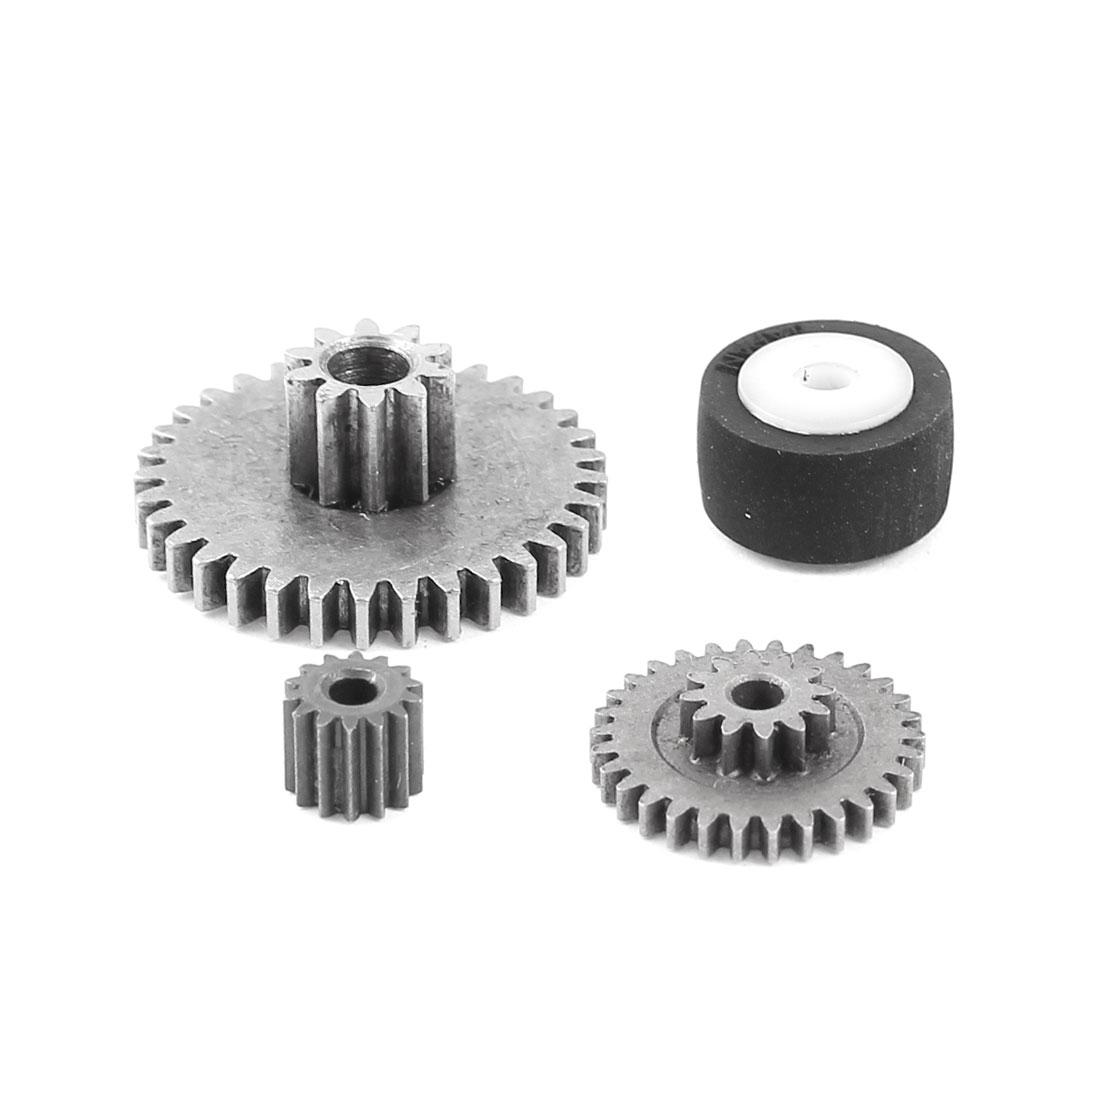 4 in 1 33 30 14 Teeth 0.5 Modulus Metal Reduce Motor Gear Set